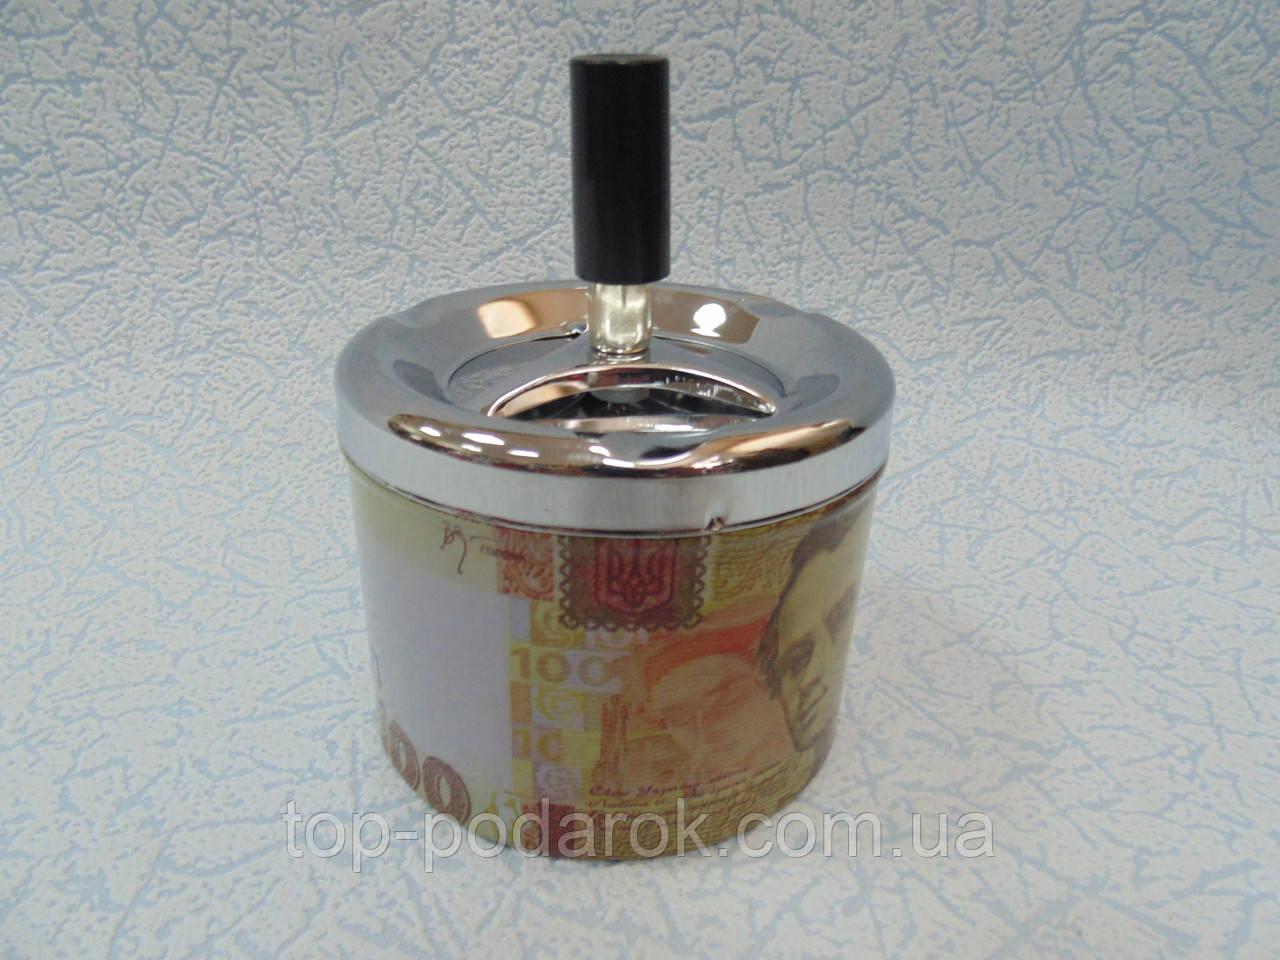 Пепельница бездымная размер 13*9 см